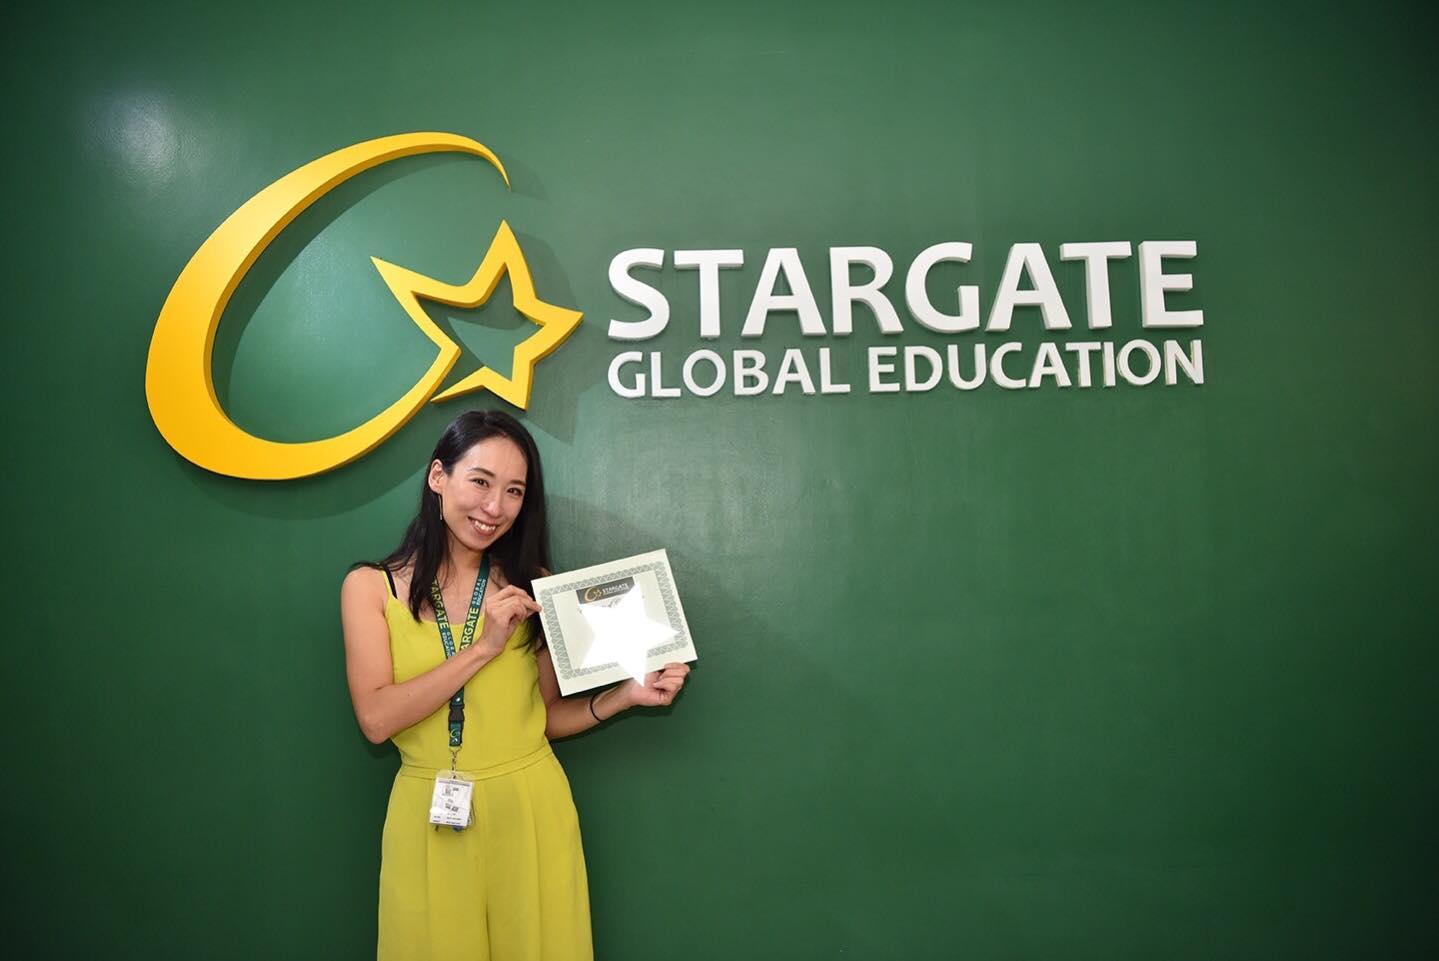 【セブ親子留学】STARGATE(スターゲート)での留学を無事卒業しました!